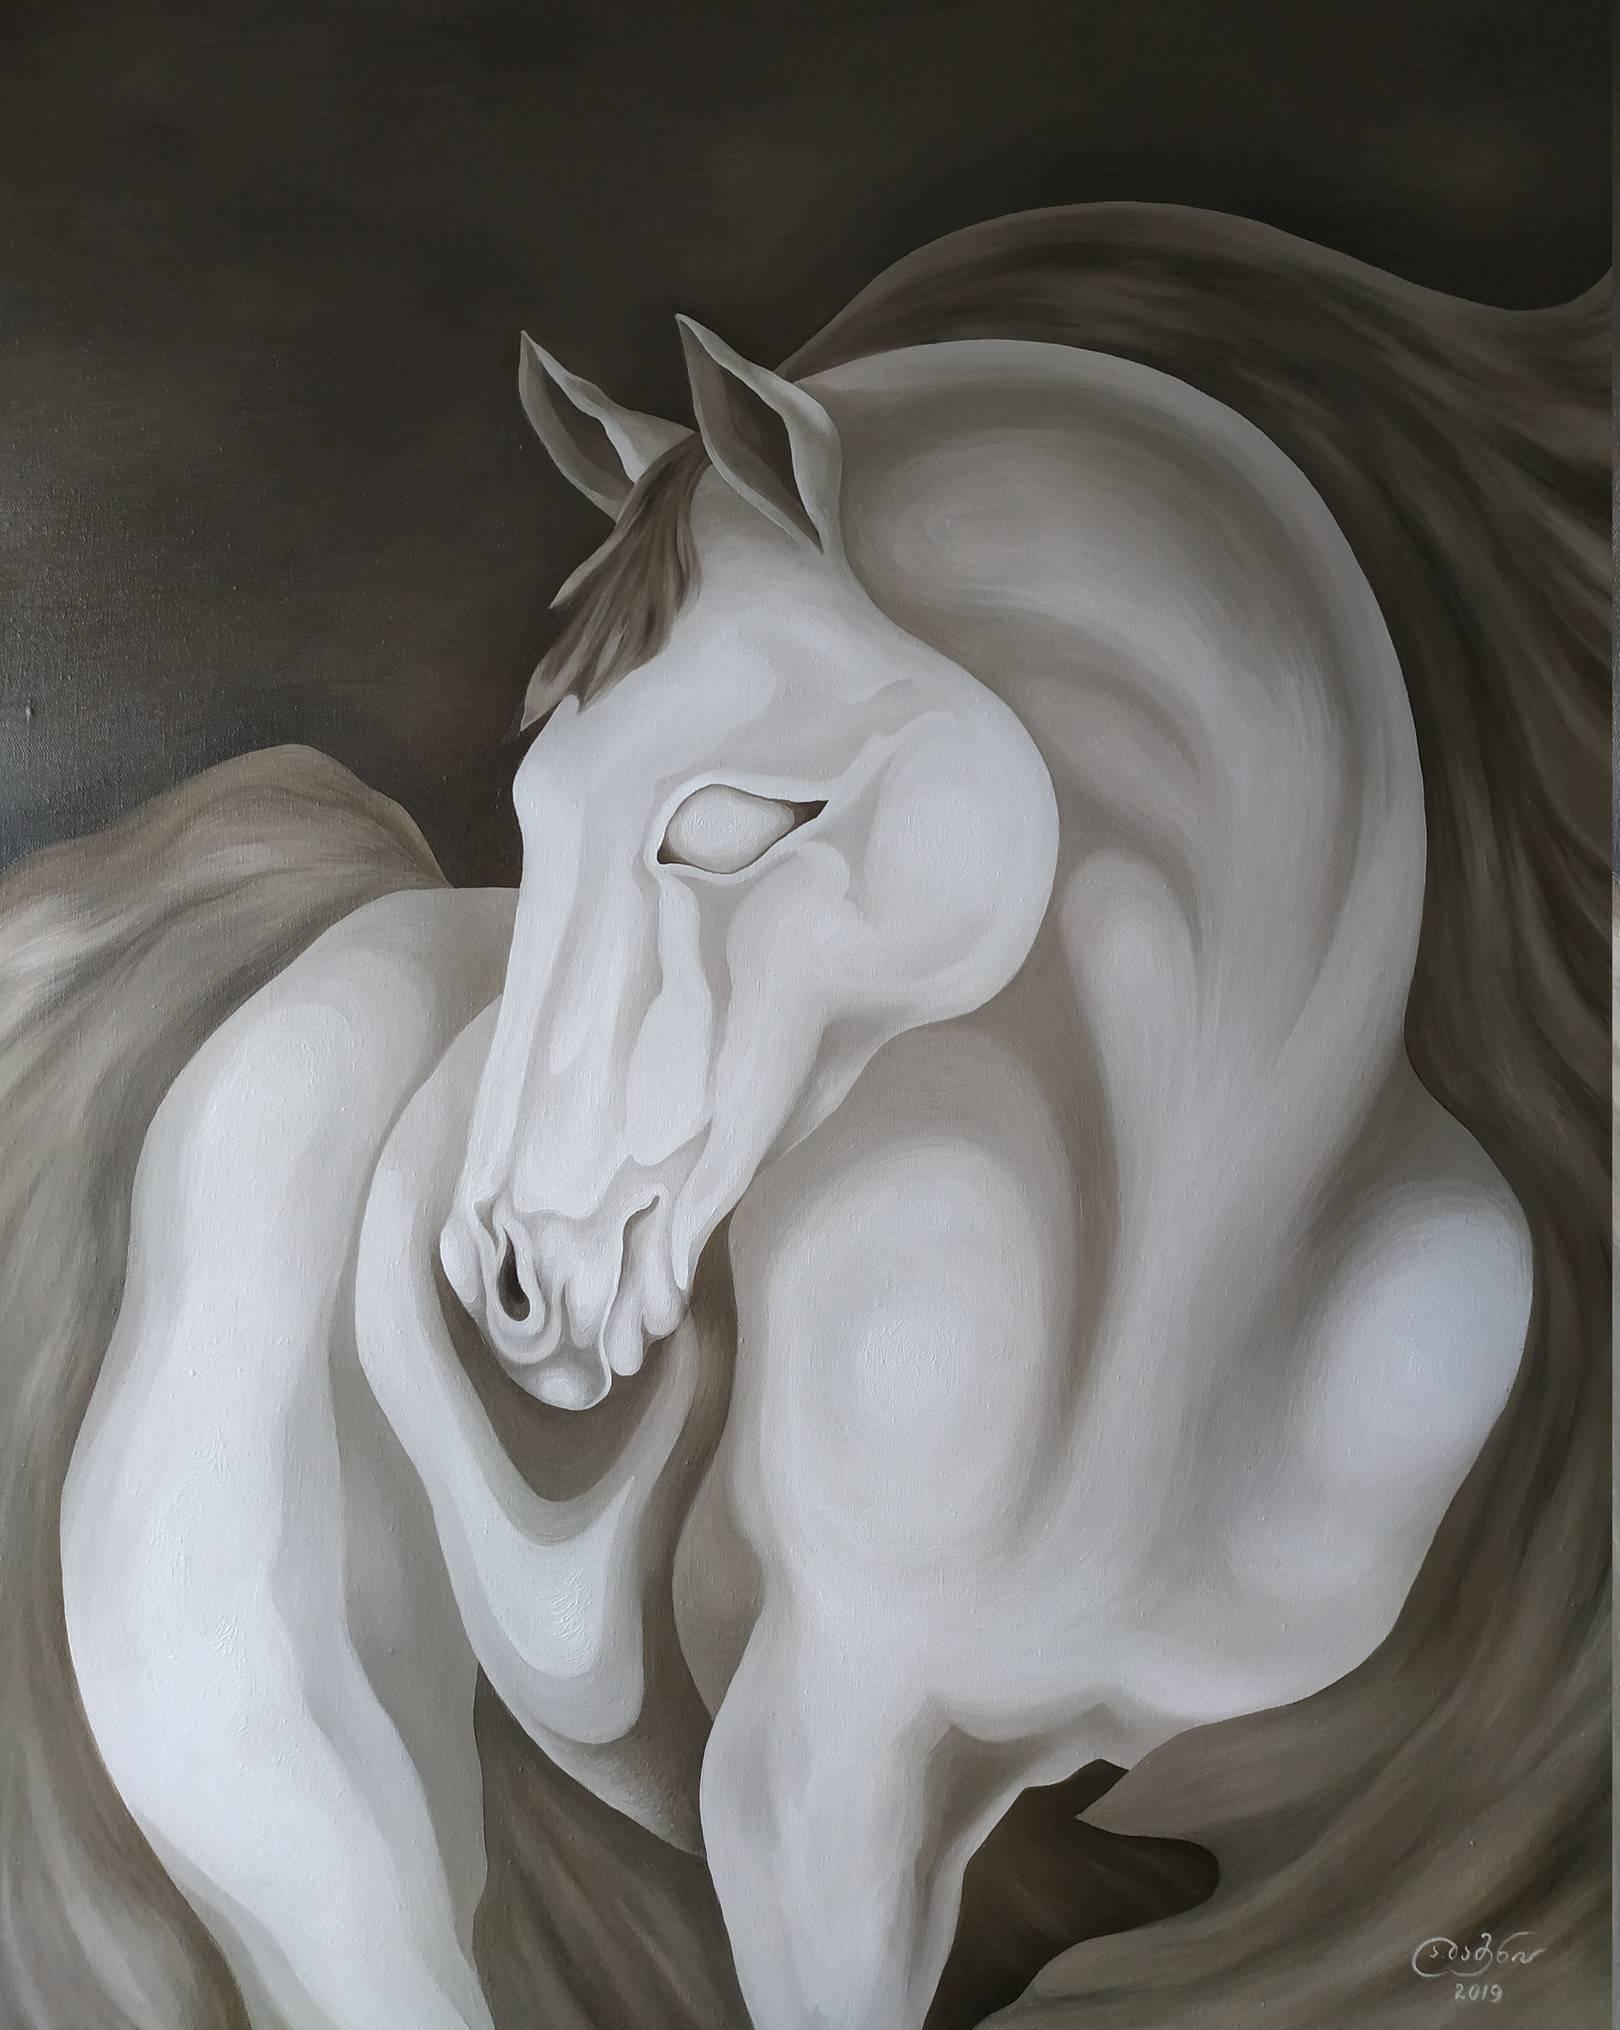 «Иллюзорный конь — отражённое в облаках лунное сияние» холст, масло «Illusory Horse - Moonlight reflected in the clouds» oil on canvas                                                     100x80,  2019